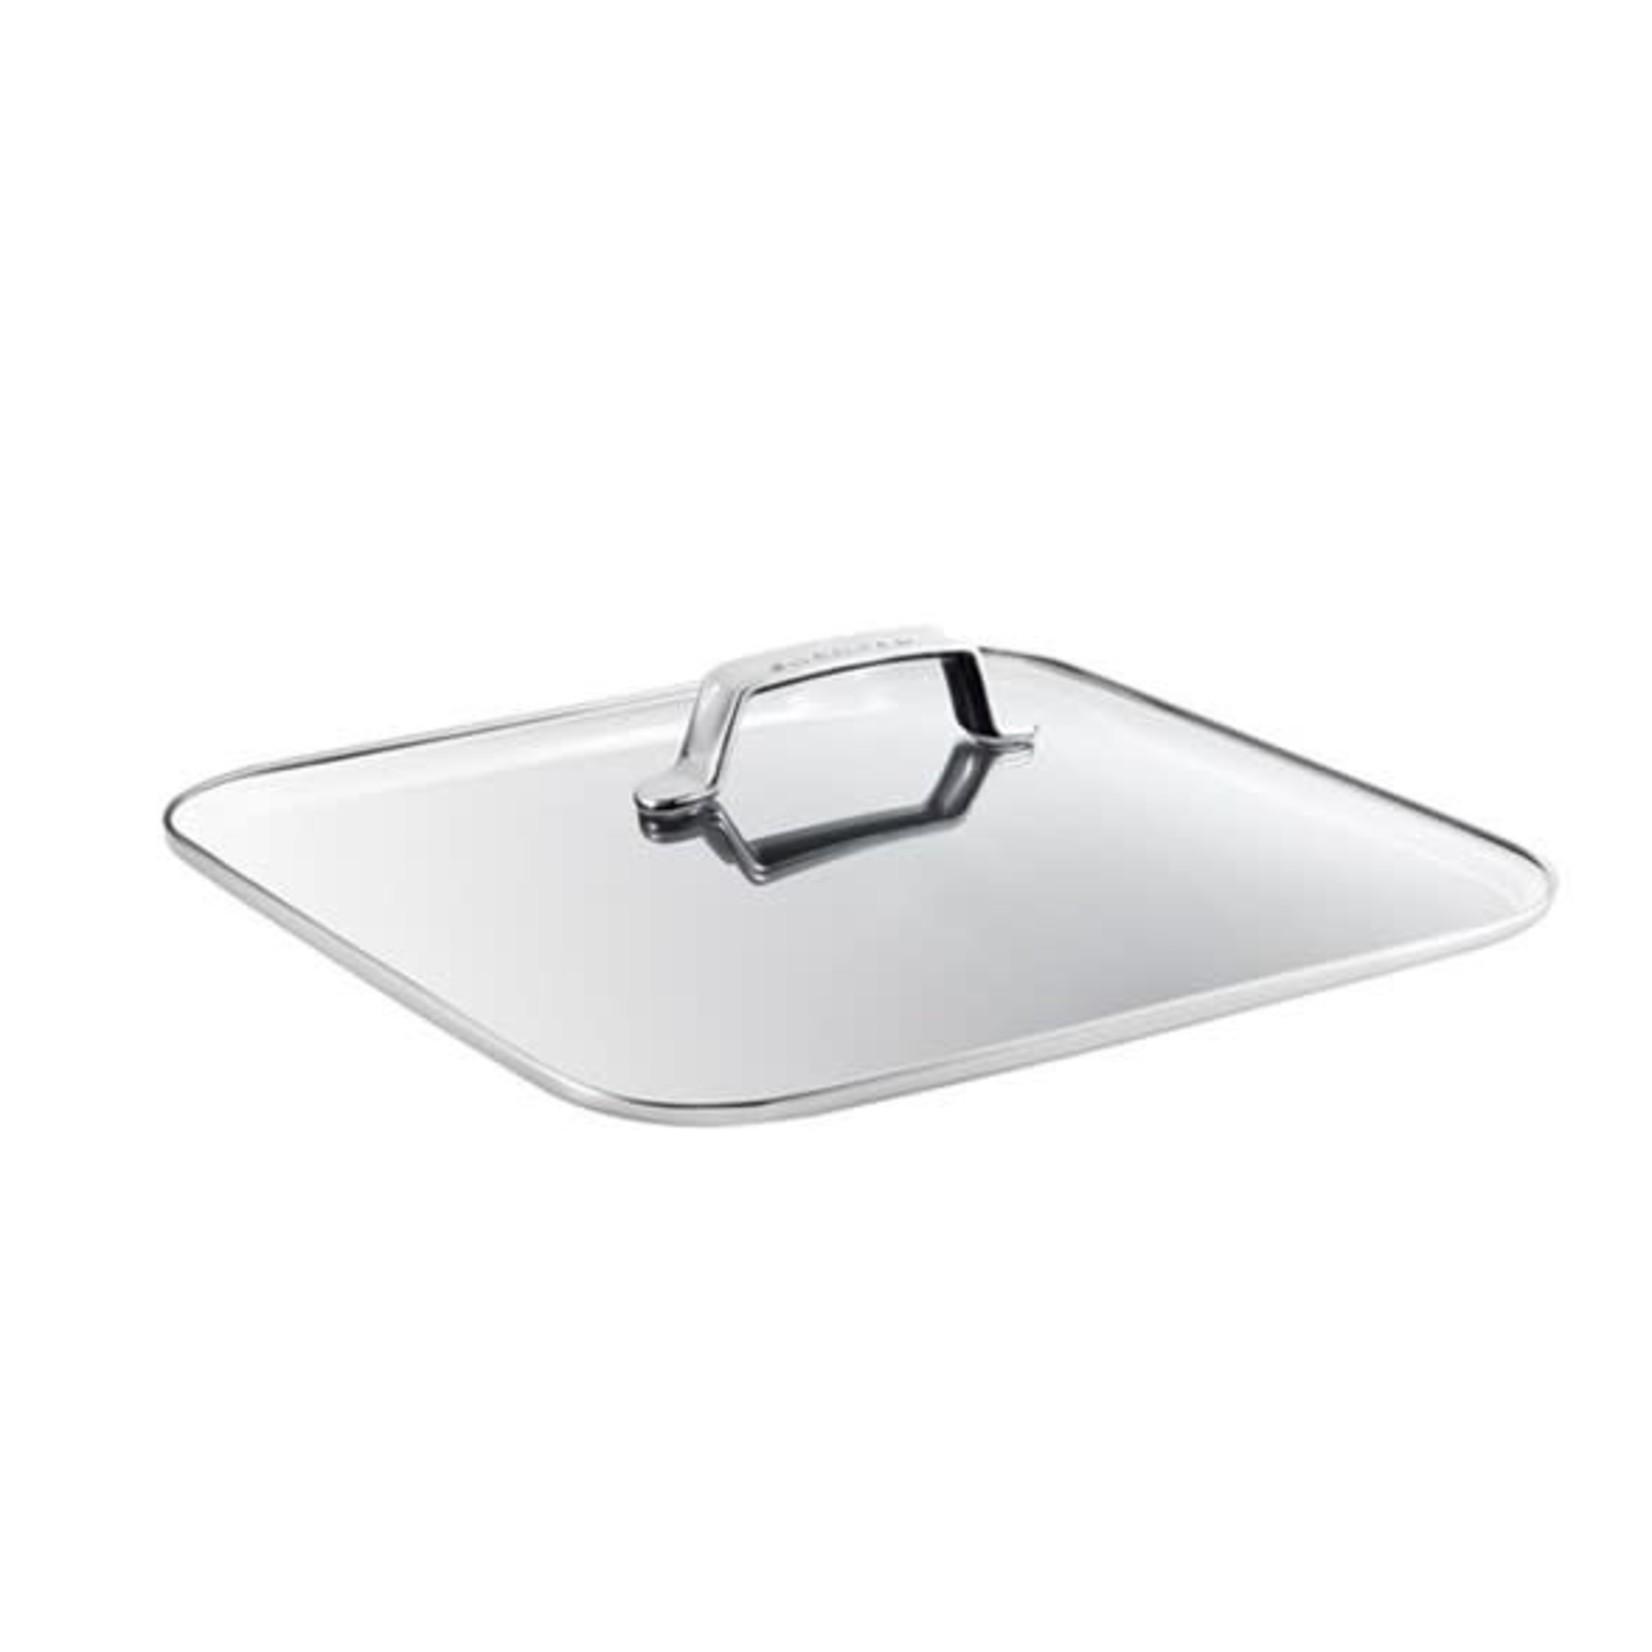 Scanpan TechnIQ deksel glas vierkant 33cm